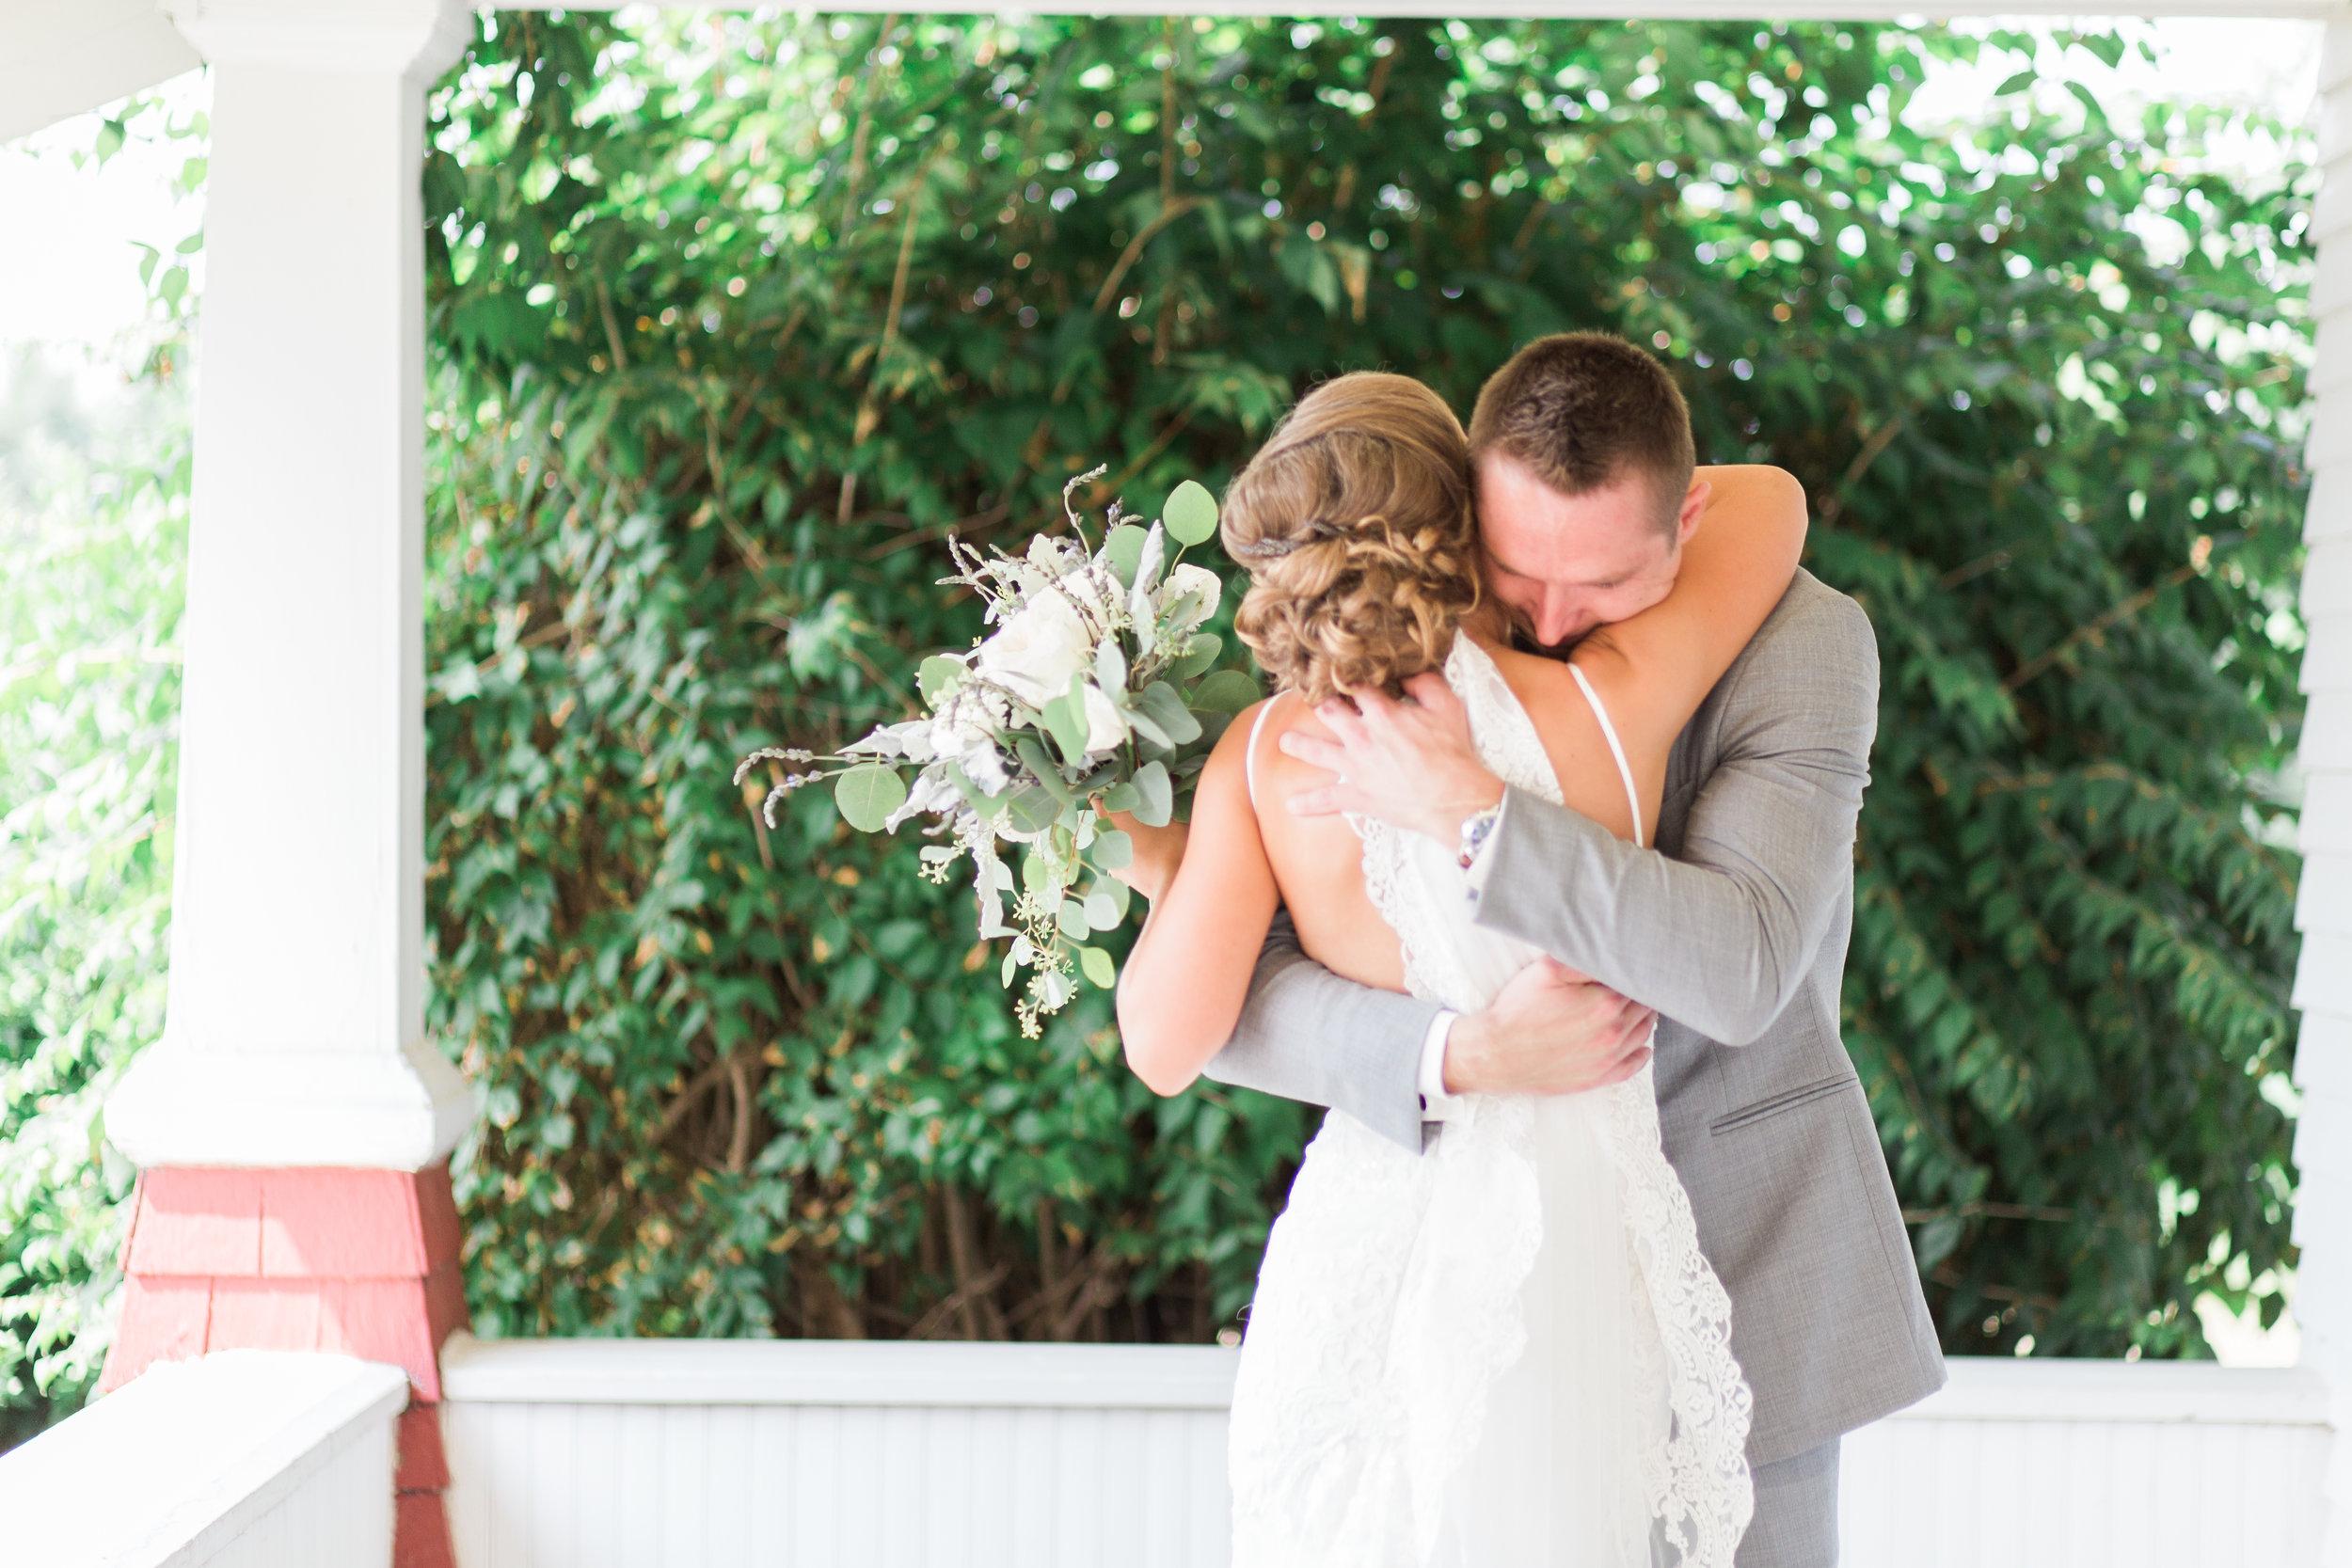 janelle elaine photography-destination-wedding photographer-seattle-washington-bridal portraits-1-13.jpg